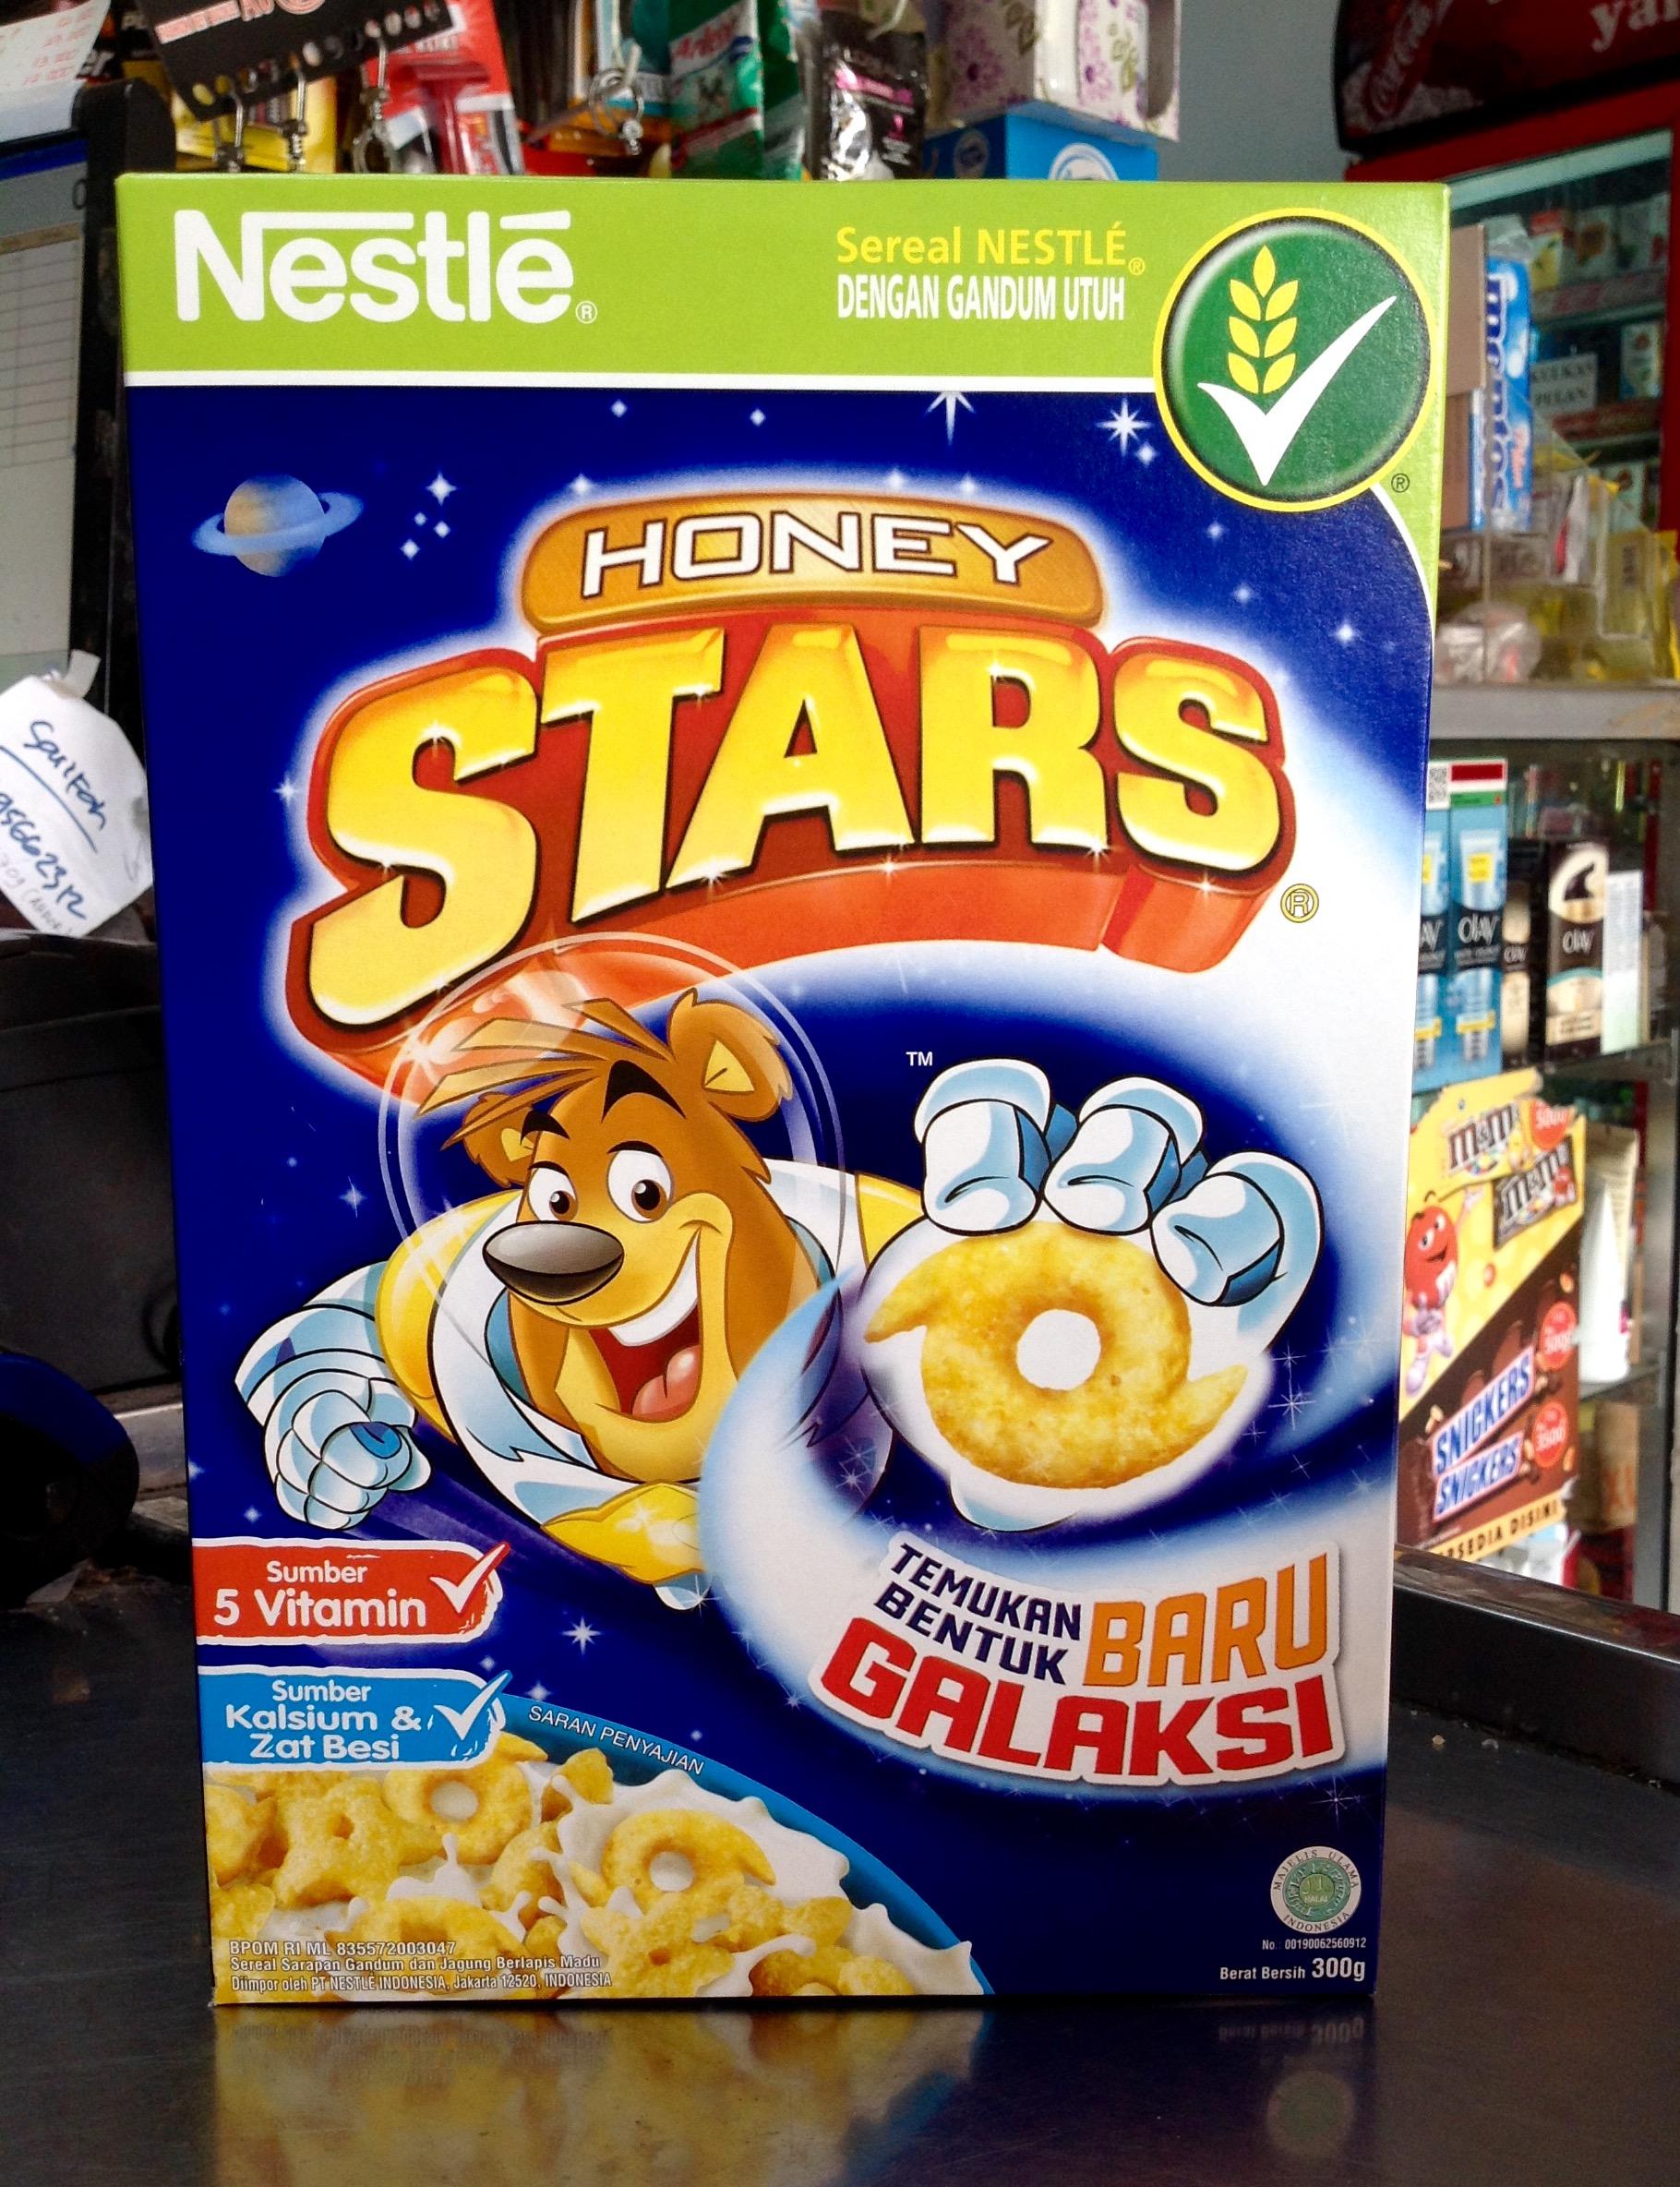 Jual Nestle Honey Stars Cereal Breakfast Box 300g Toko 21 Starbox Telkom Cempaka Baru Tokopedia